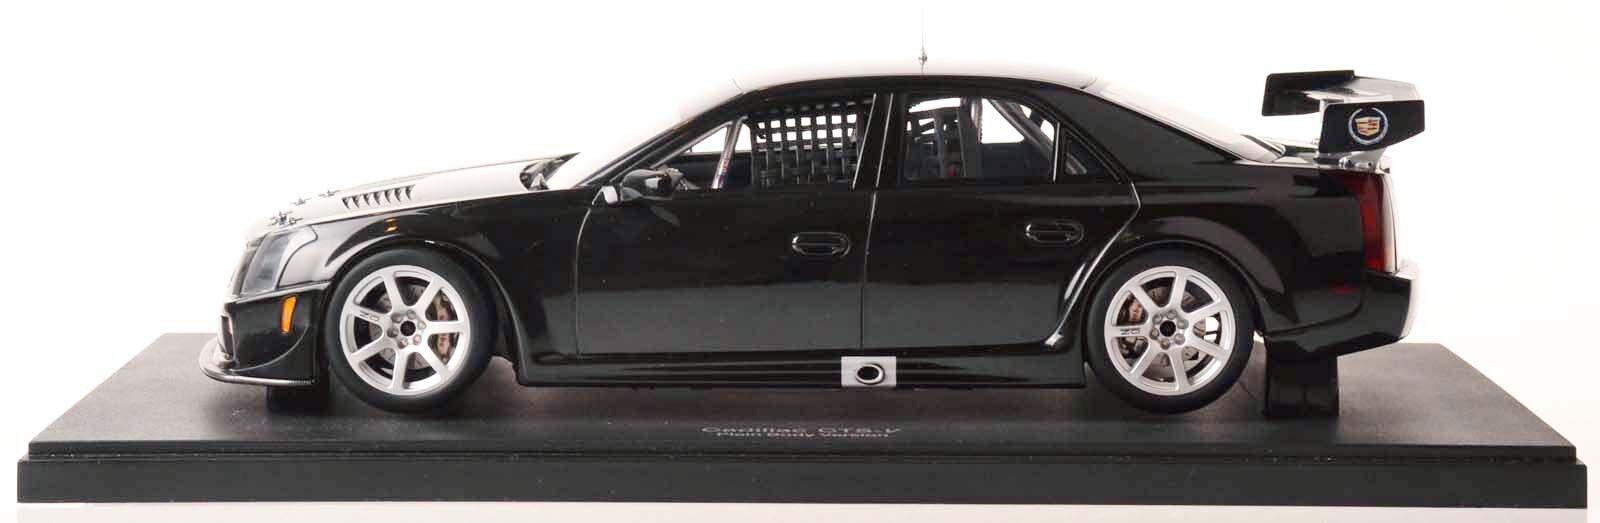 AUTOART 80427 CADILLAC CTS-V SCCA World Challenge GT 2004 (noir) 1 18 Nouveau Neuf dans sa boîte